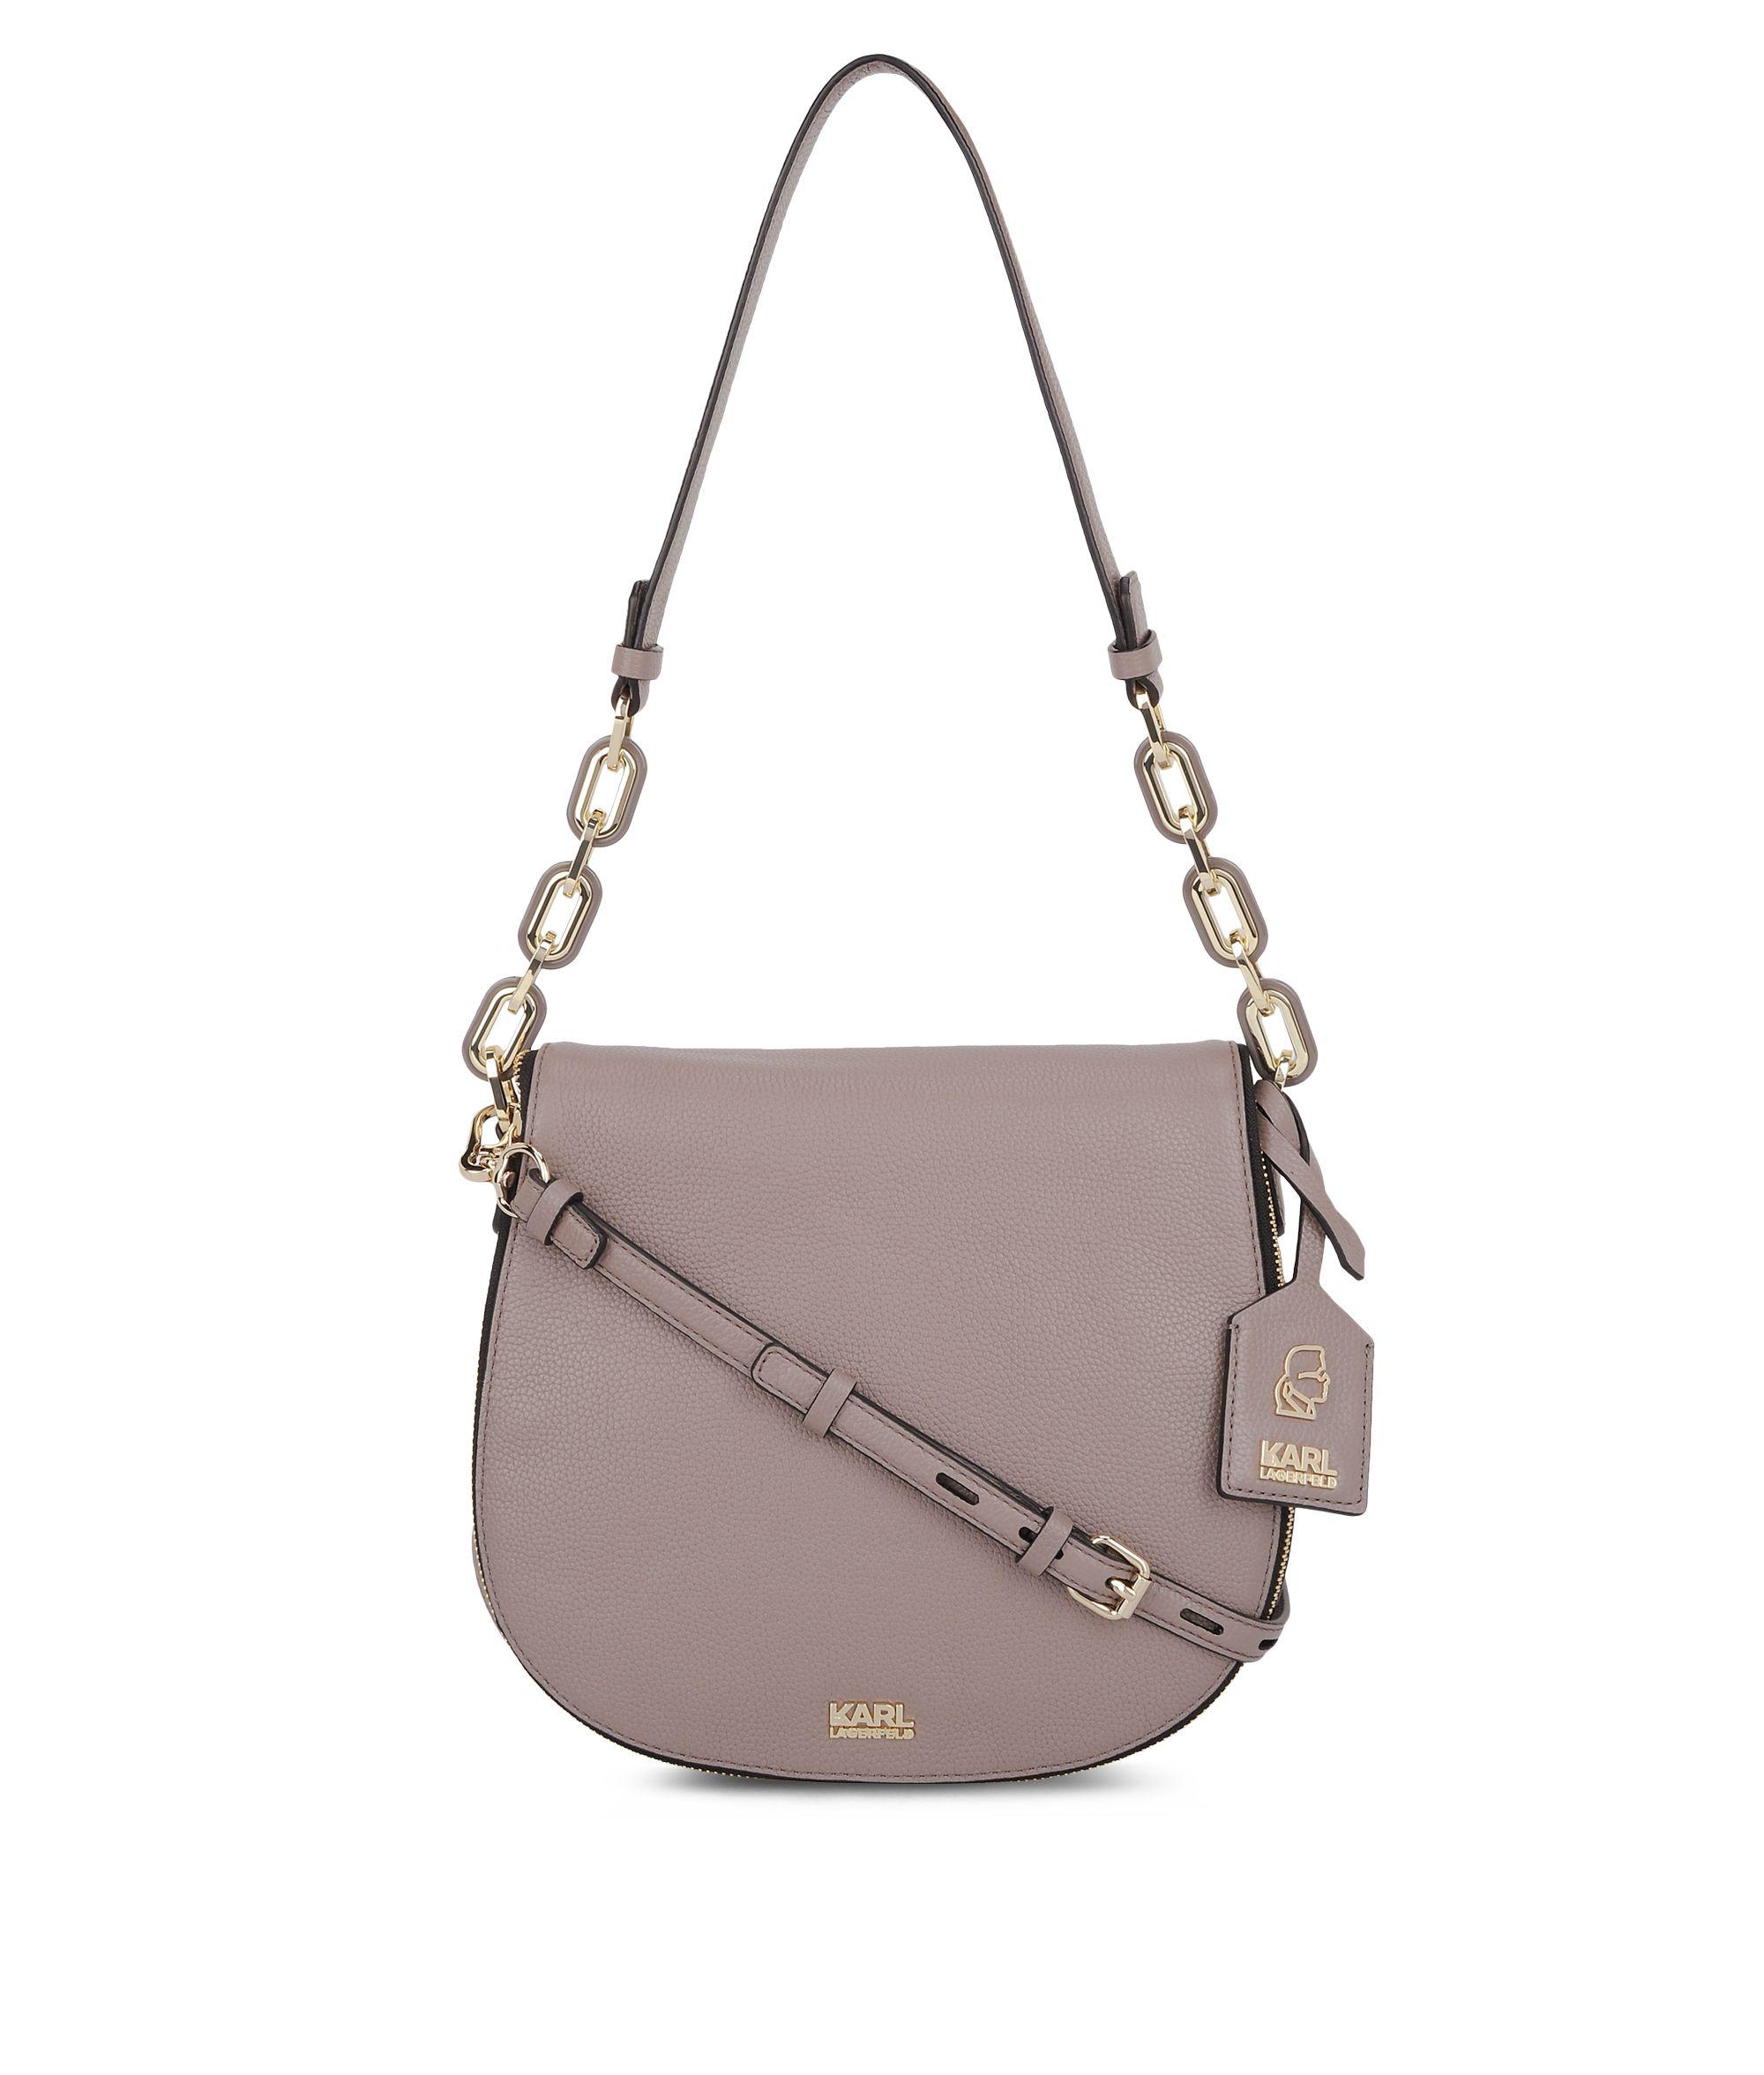 K Grainy Satchel Brown 66KW3036 Karl Lagerfeld accessories: Uvod u uzbudljivu XYZ modnu jesen